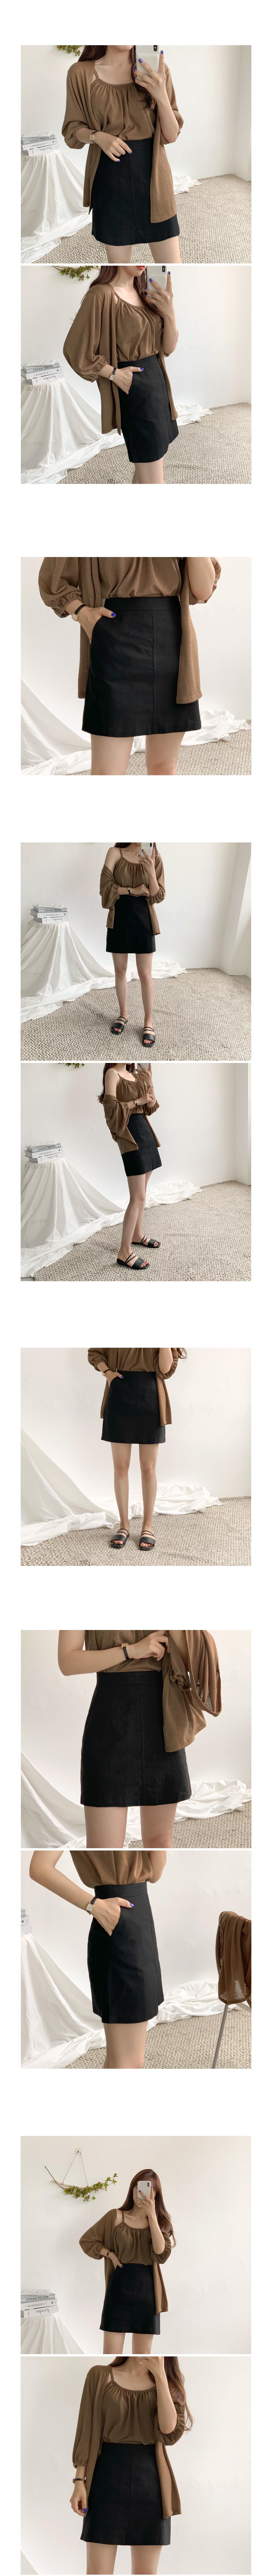 Pre-Linen Skirt